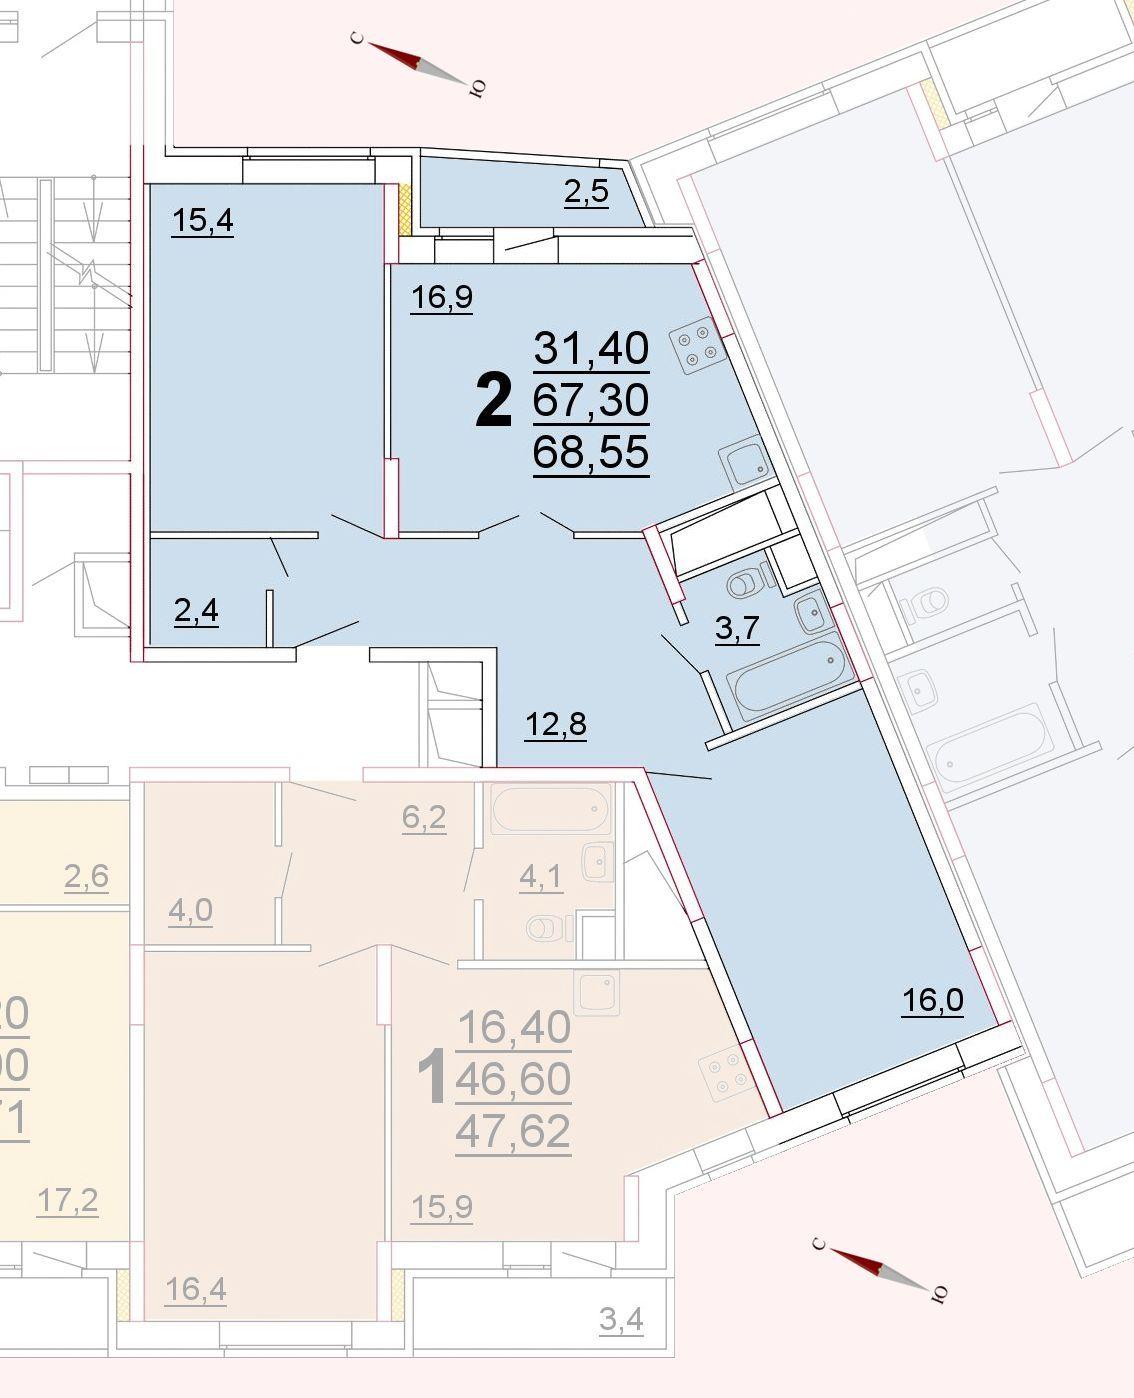 Микрорайон «Центральный», корпус 52г, секция 1, квартира 68,55 м2